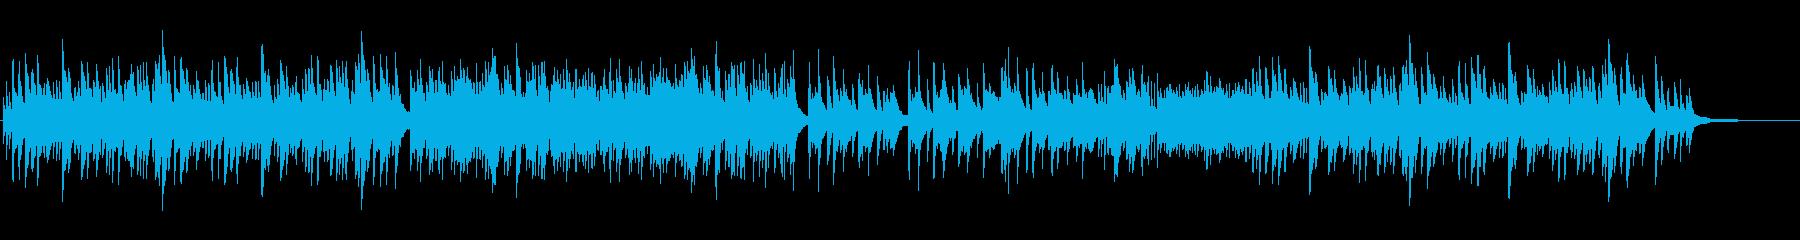 温かくも切ないピアノソロの再生済みの波形